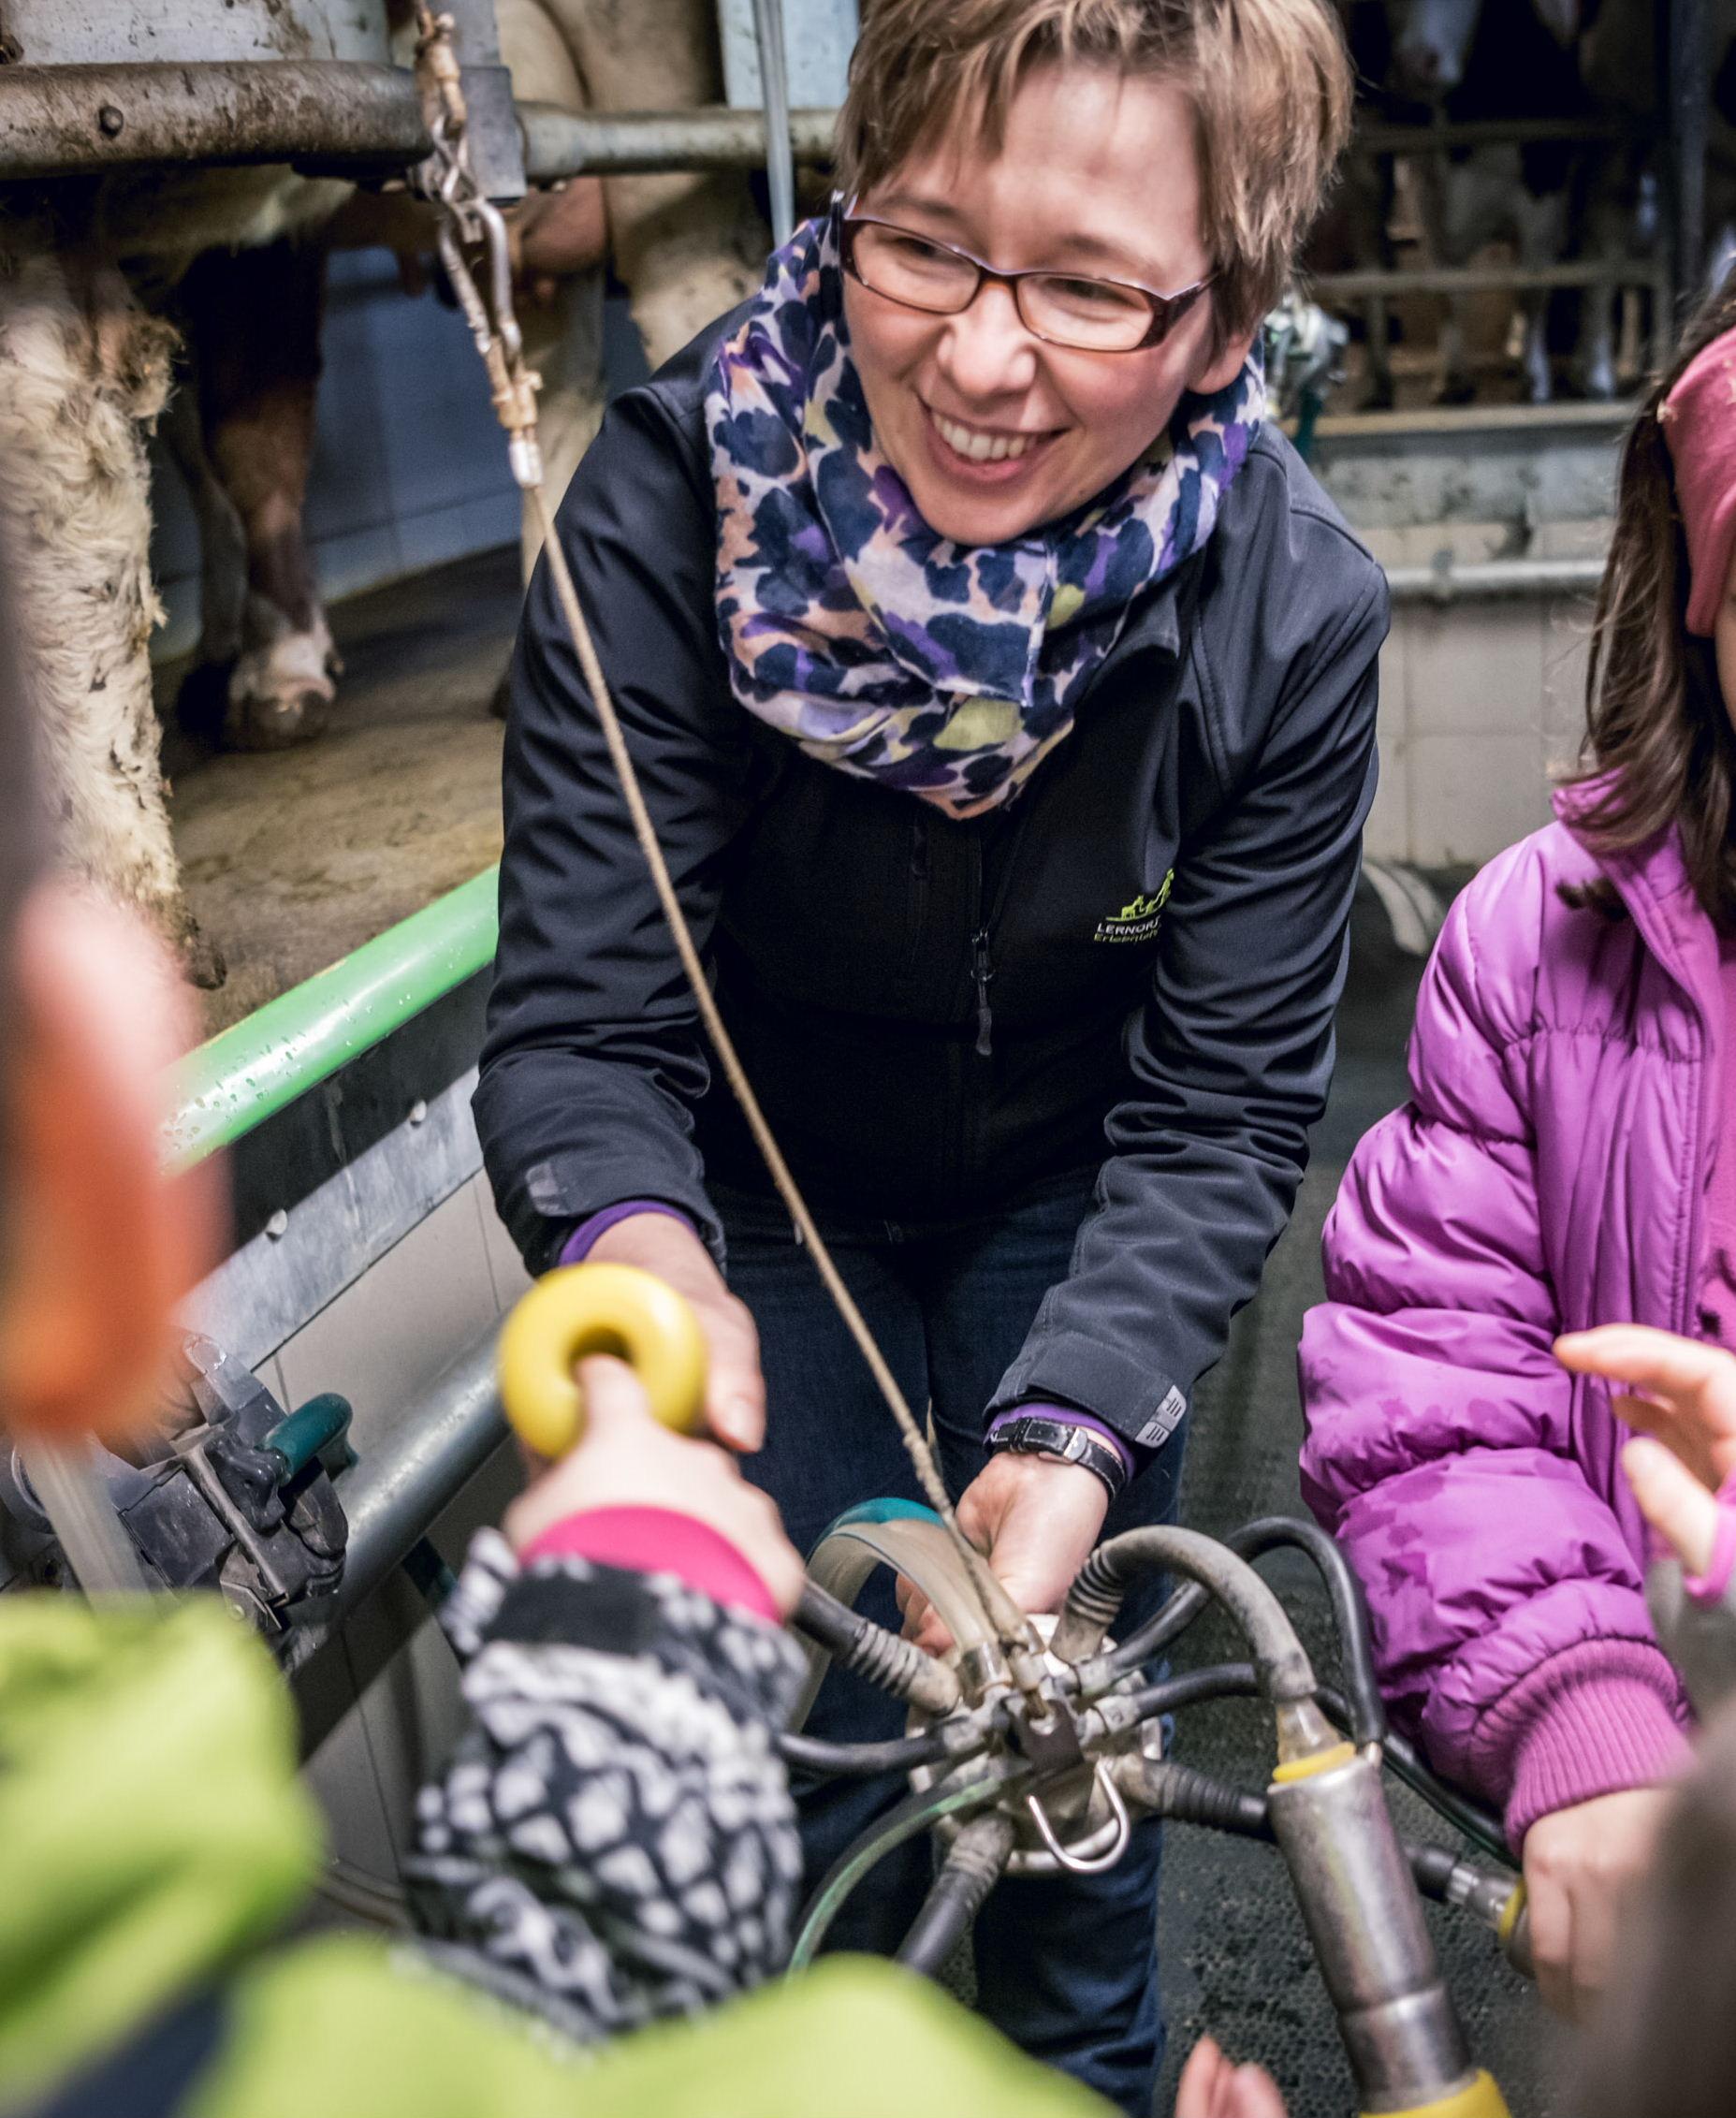 auf dem Blog: Bäuerin Lucia im Portrait